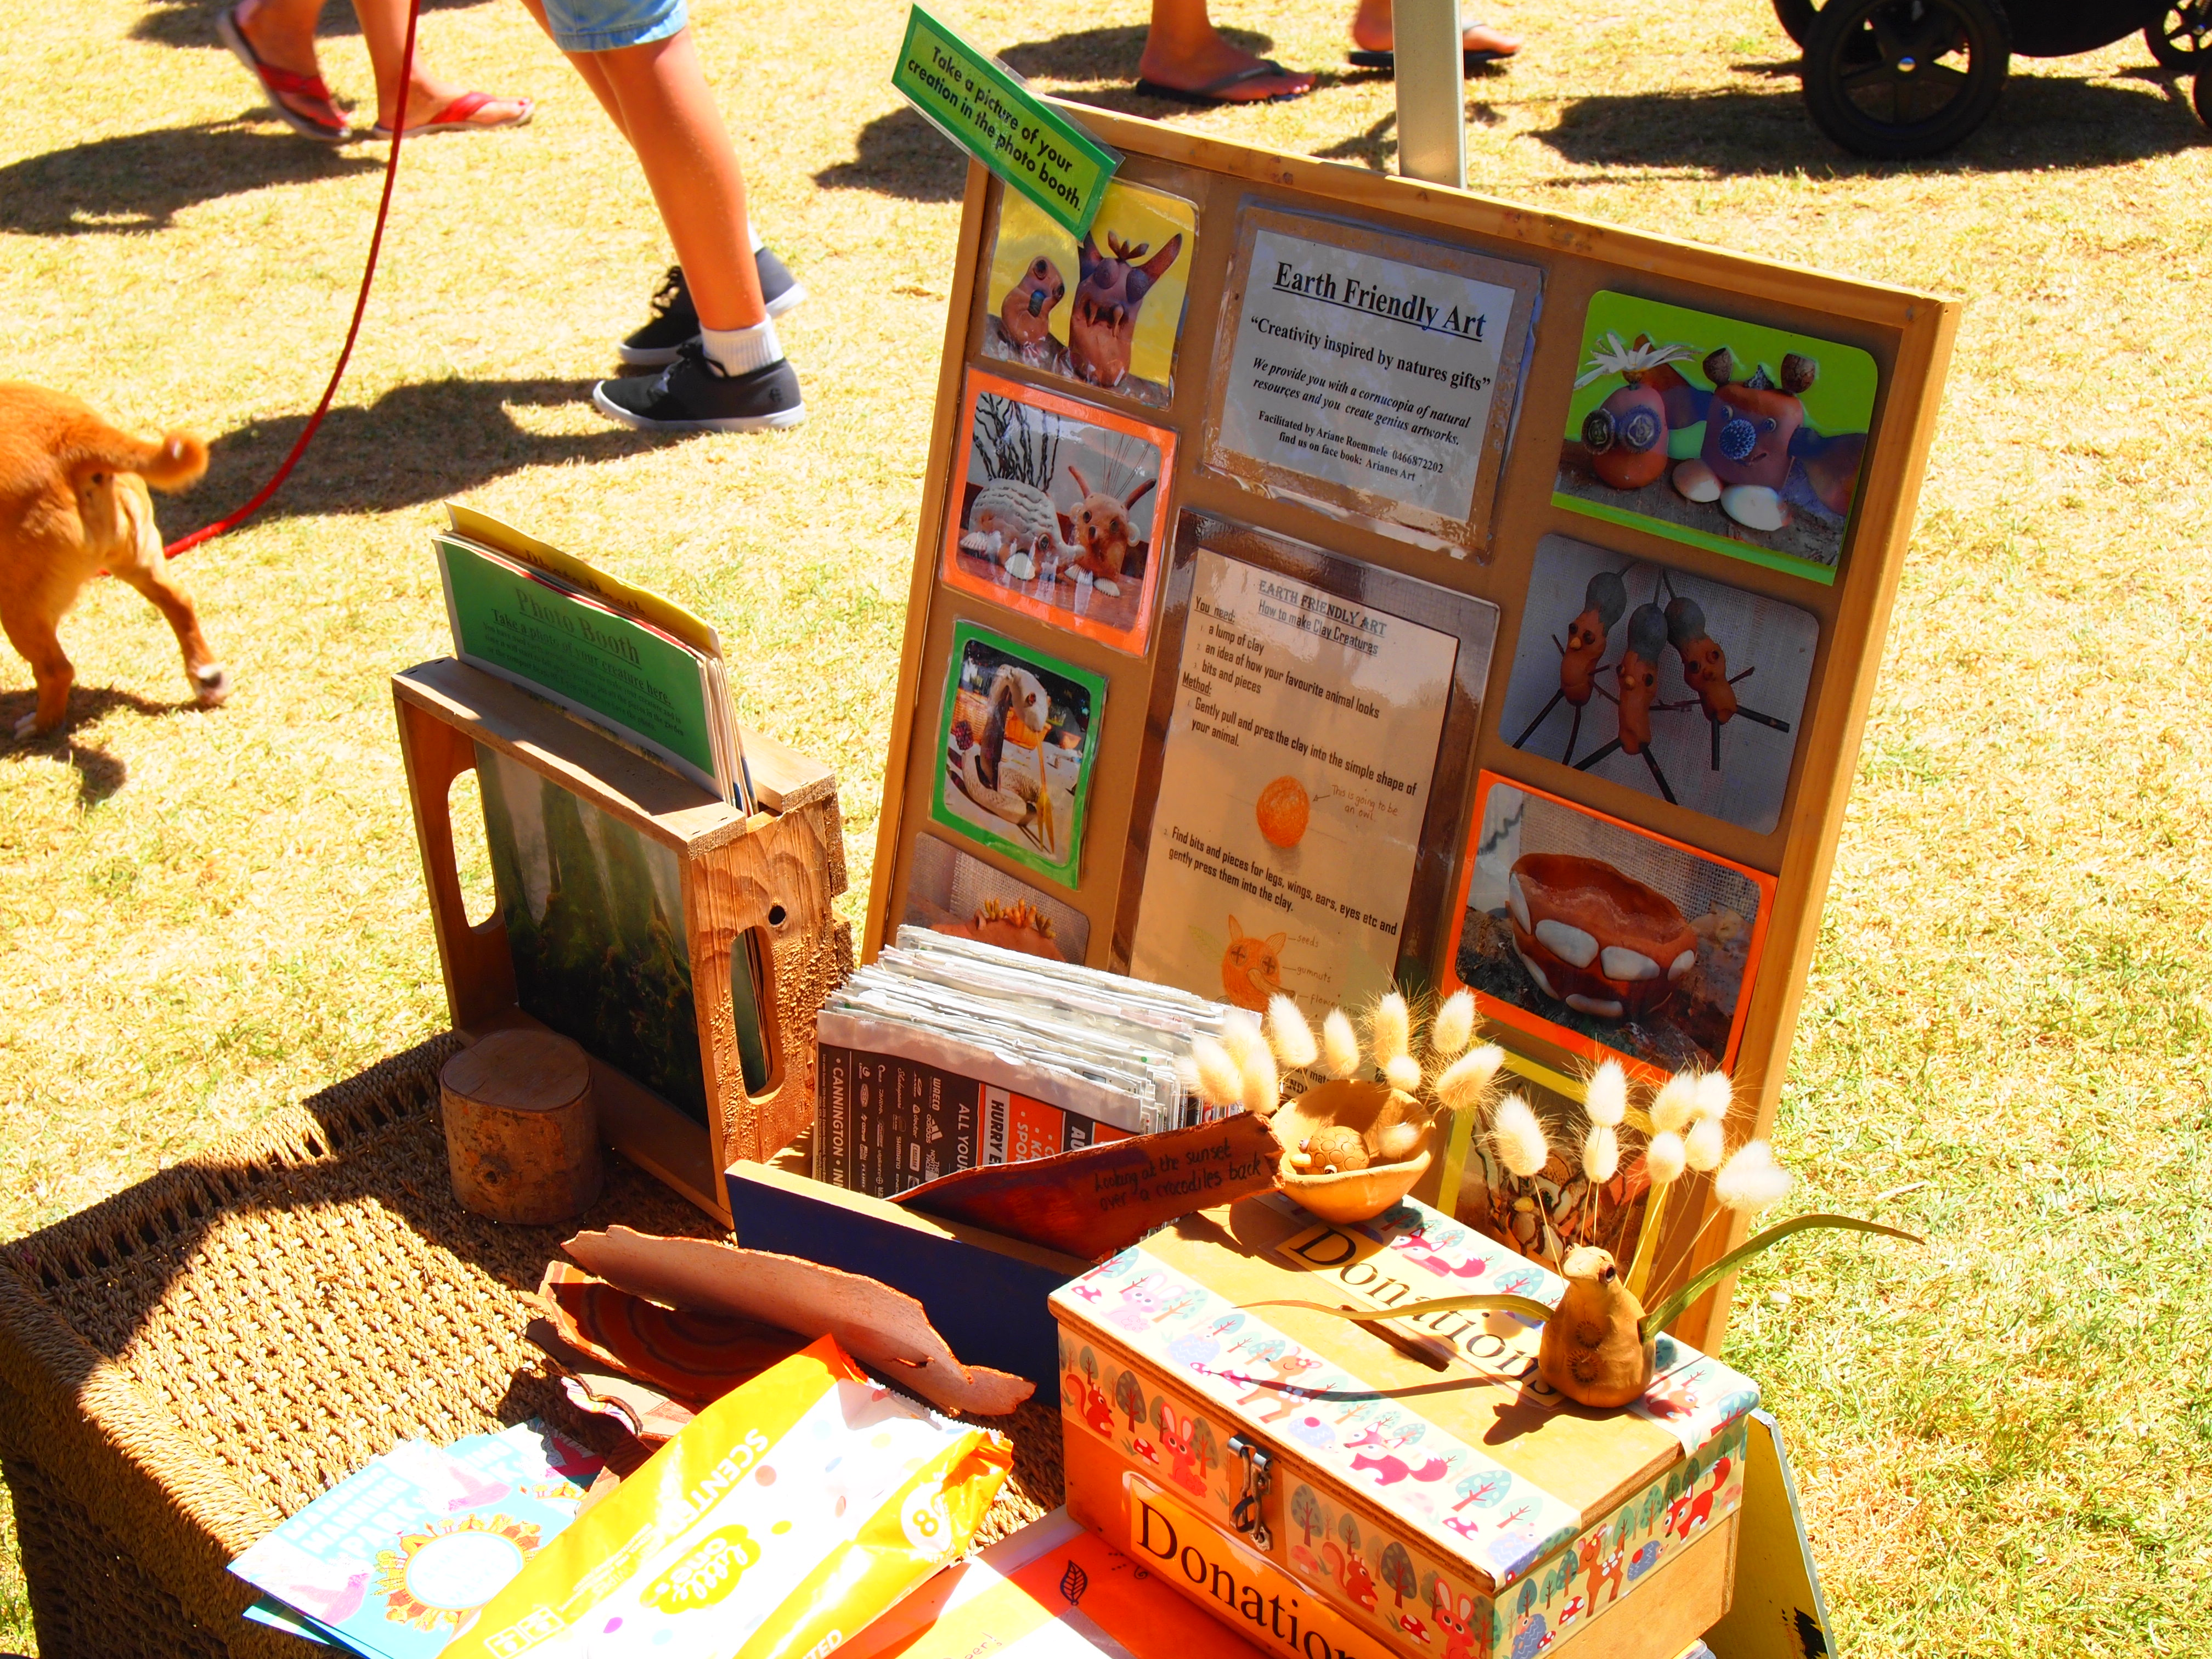 パース エコ マーケット Growers' Green Farmers' Market オーストラリア 環境 野菜 オーガニック 世界一周 旅 ブログ